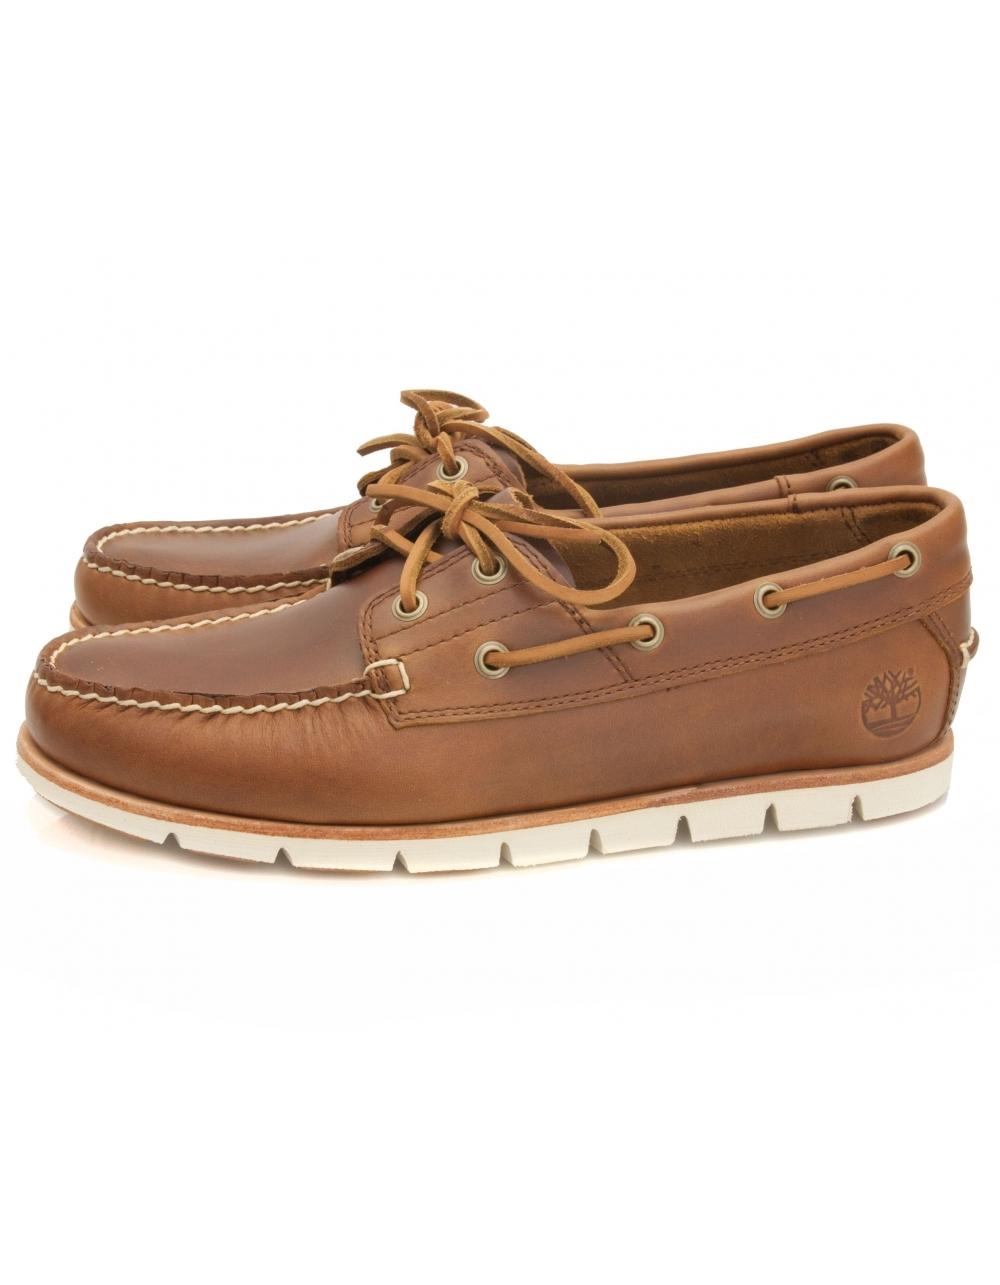 95955d9d159e3 Tidelands Sensorflex 2 Eye Leather Boat Shoe - Sahara | Fields Menswear